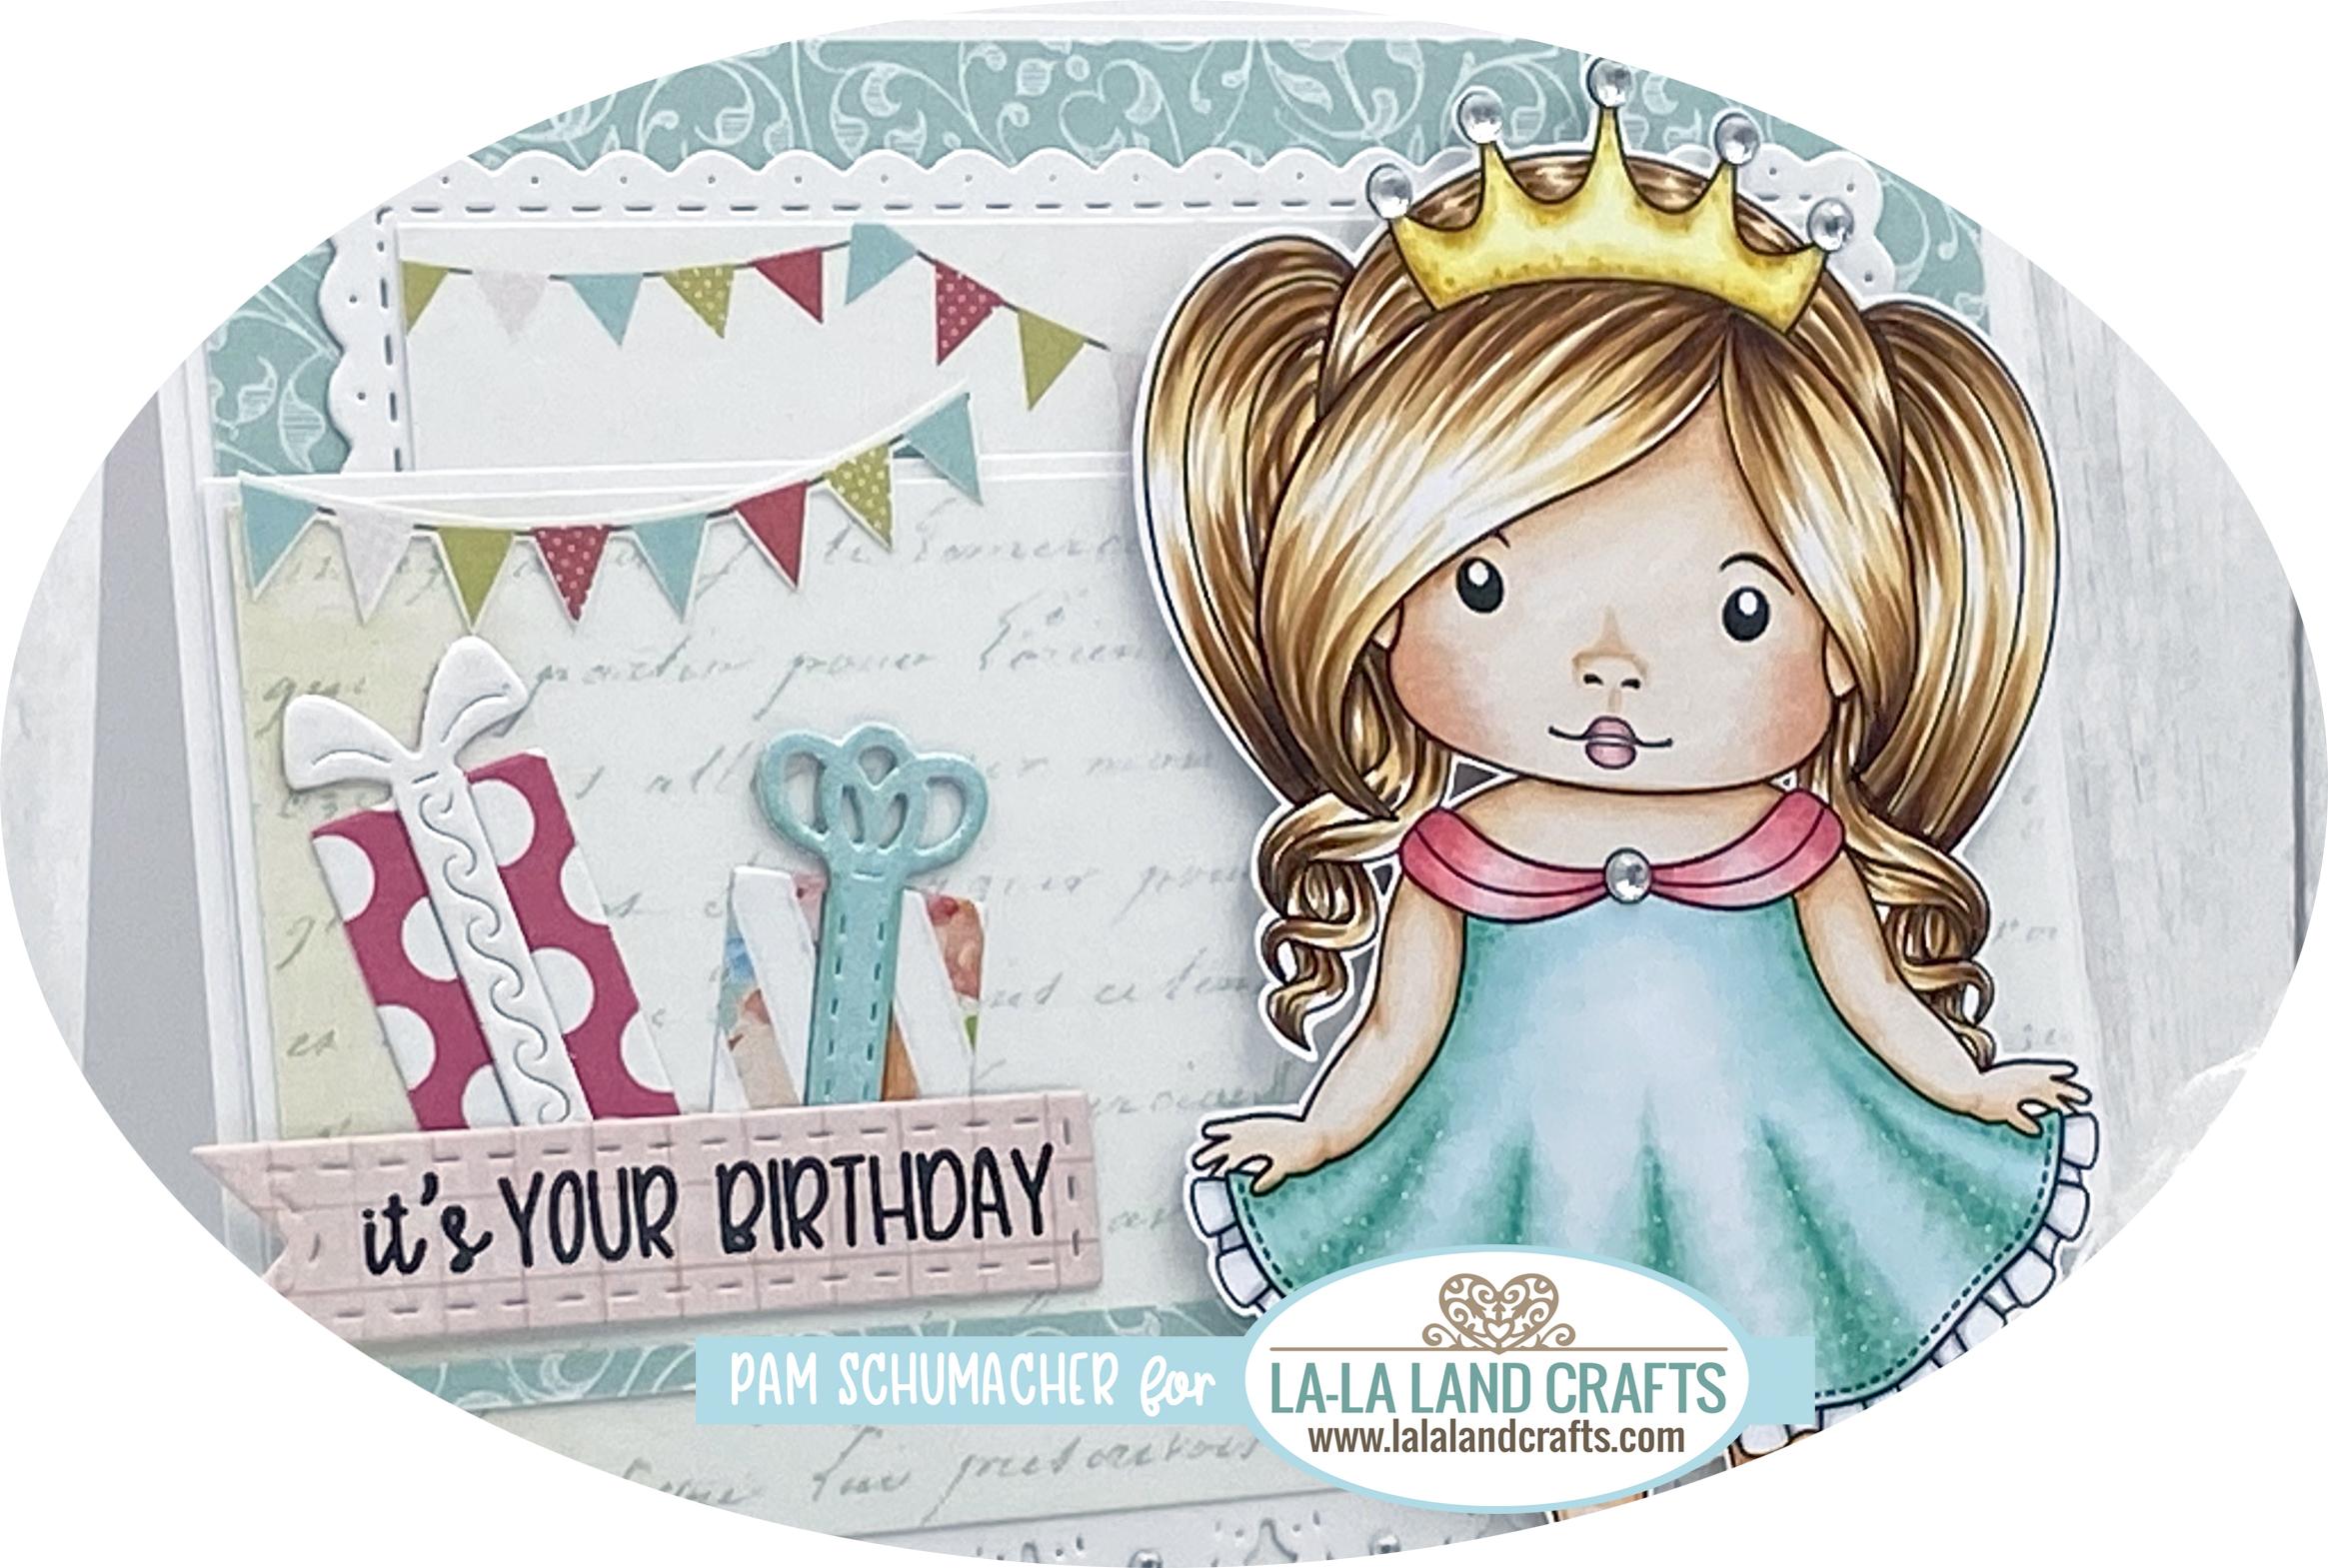 it's your birthday2